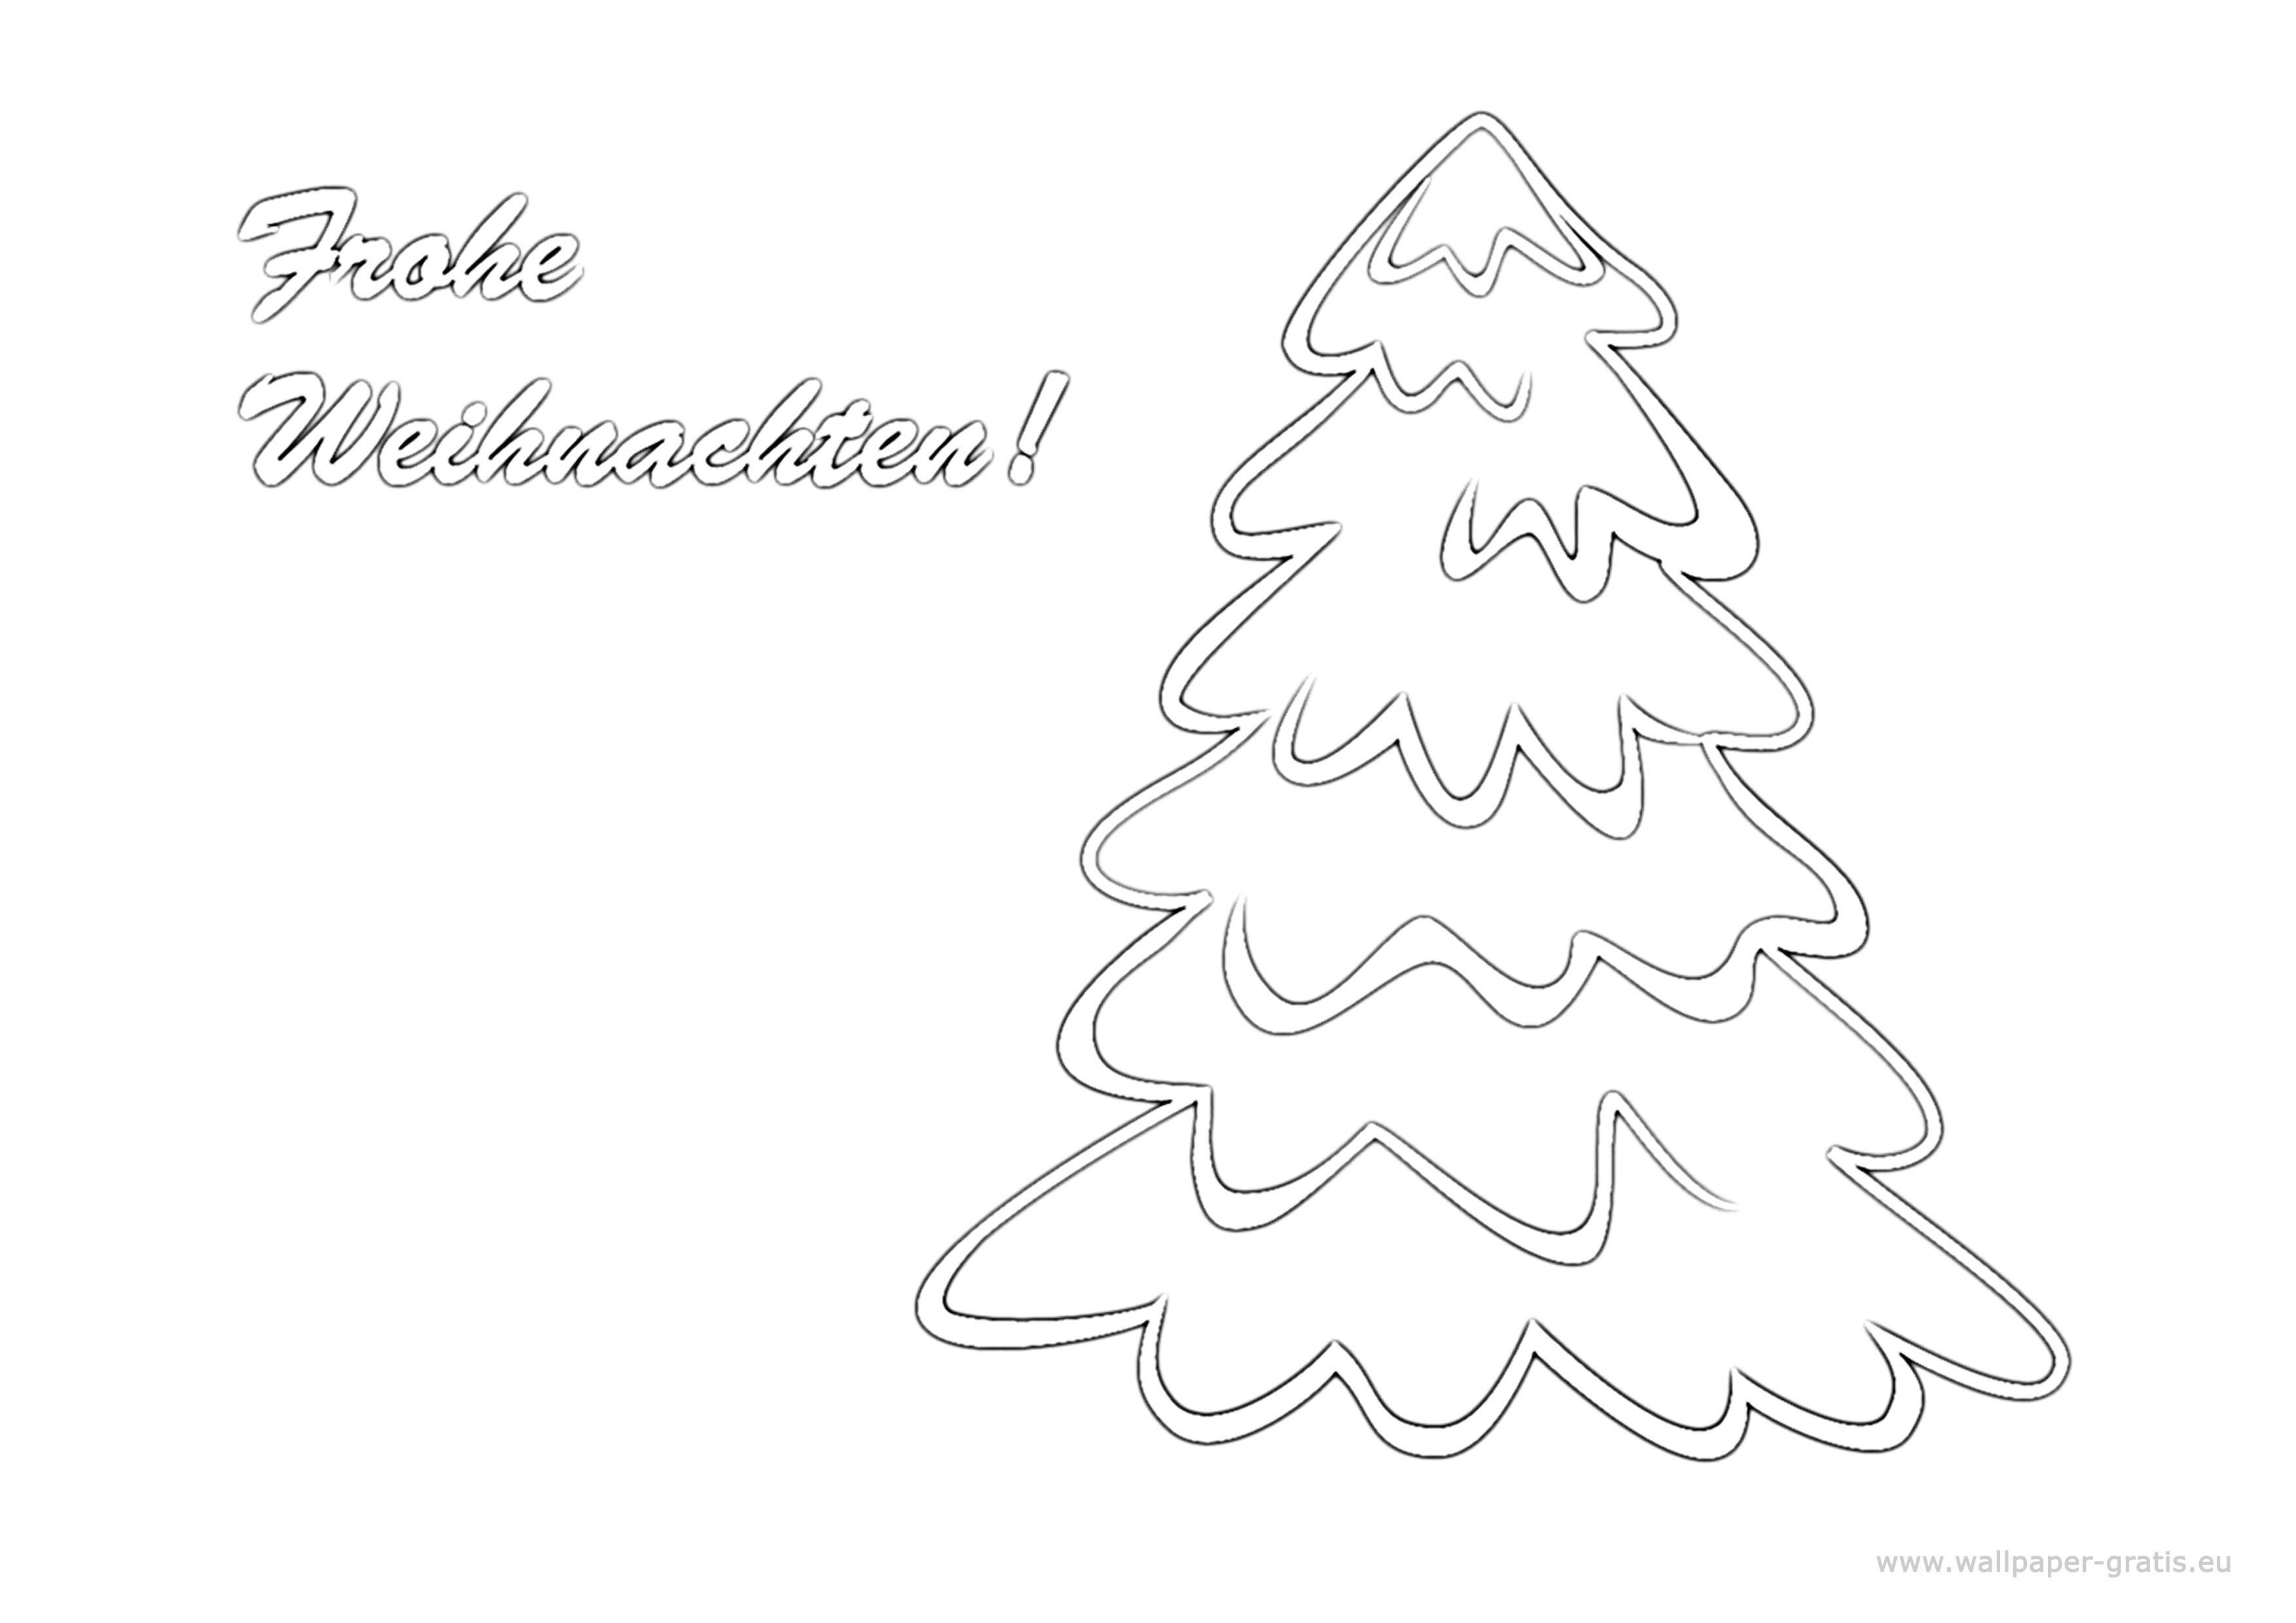 frohe weihnachten 002 kostenloses hintergrundbild f r. Black Bedroom Furniture Sets. Home Design Ideas